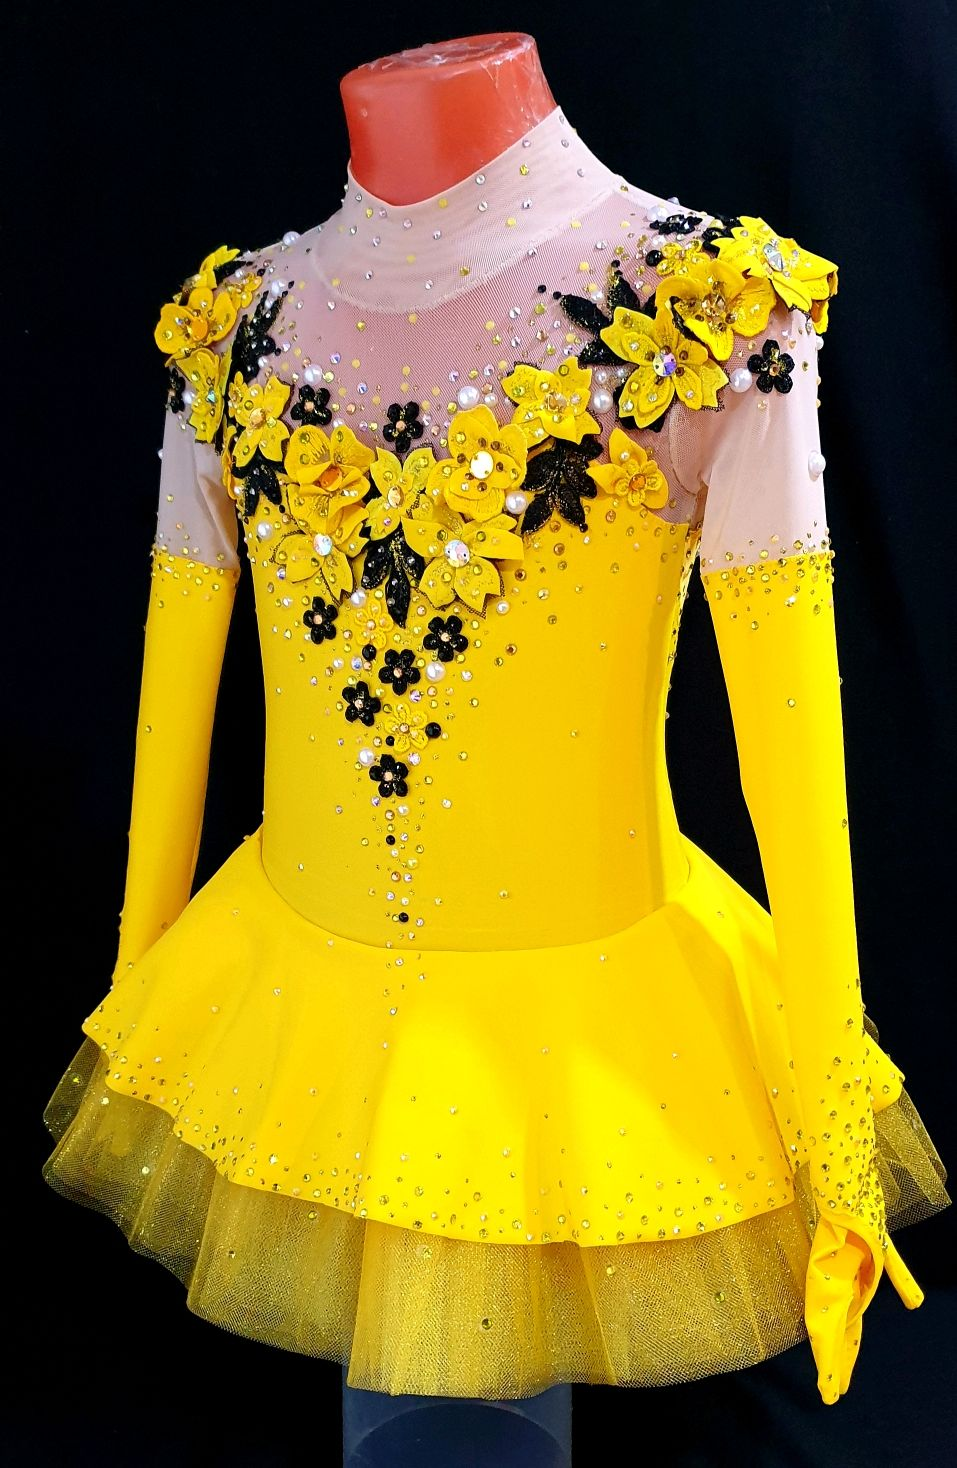 Платье для фигурного катания (110-128см,5-8лет), Платья, Клинцы,  Фото №1